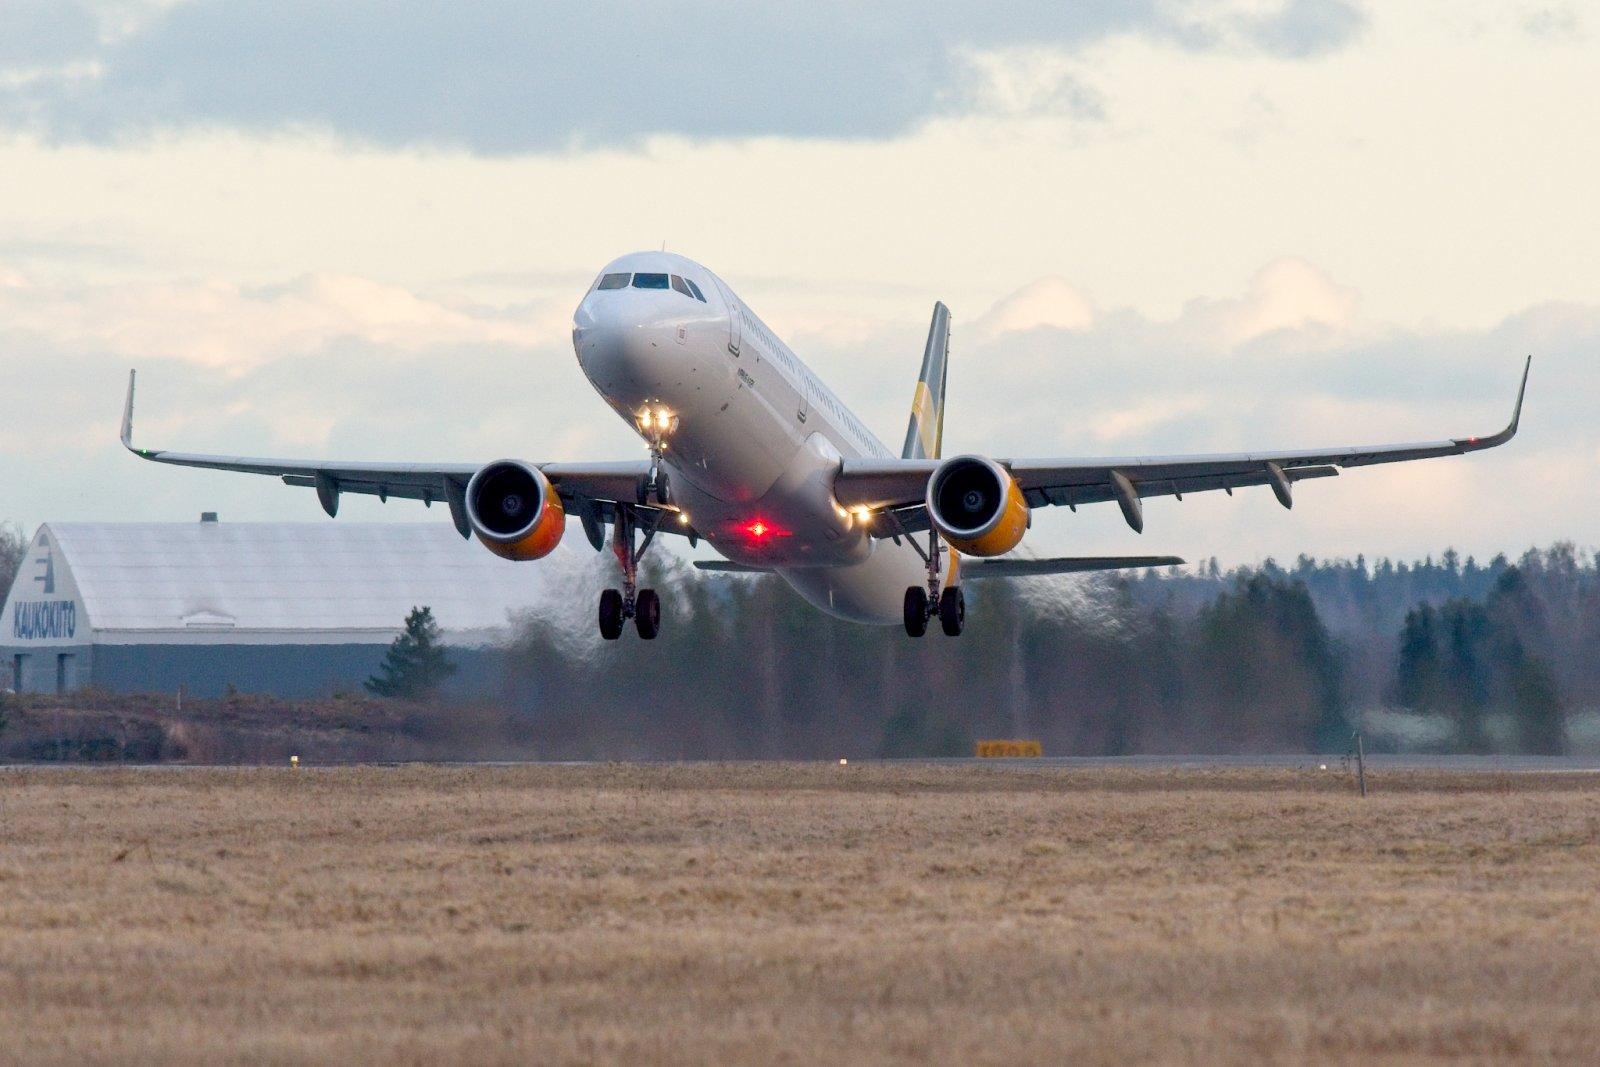 OY-TCI (ja torstain Tjäreborg-lennot), kevään viimeinen nousu Vaasasta